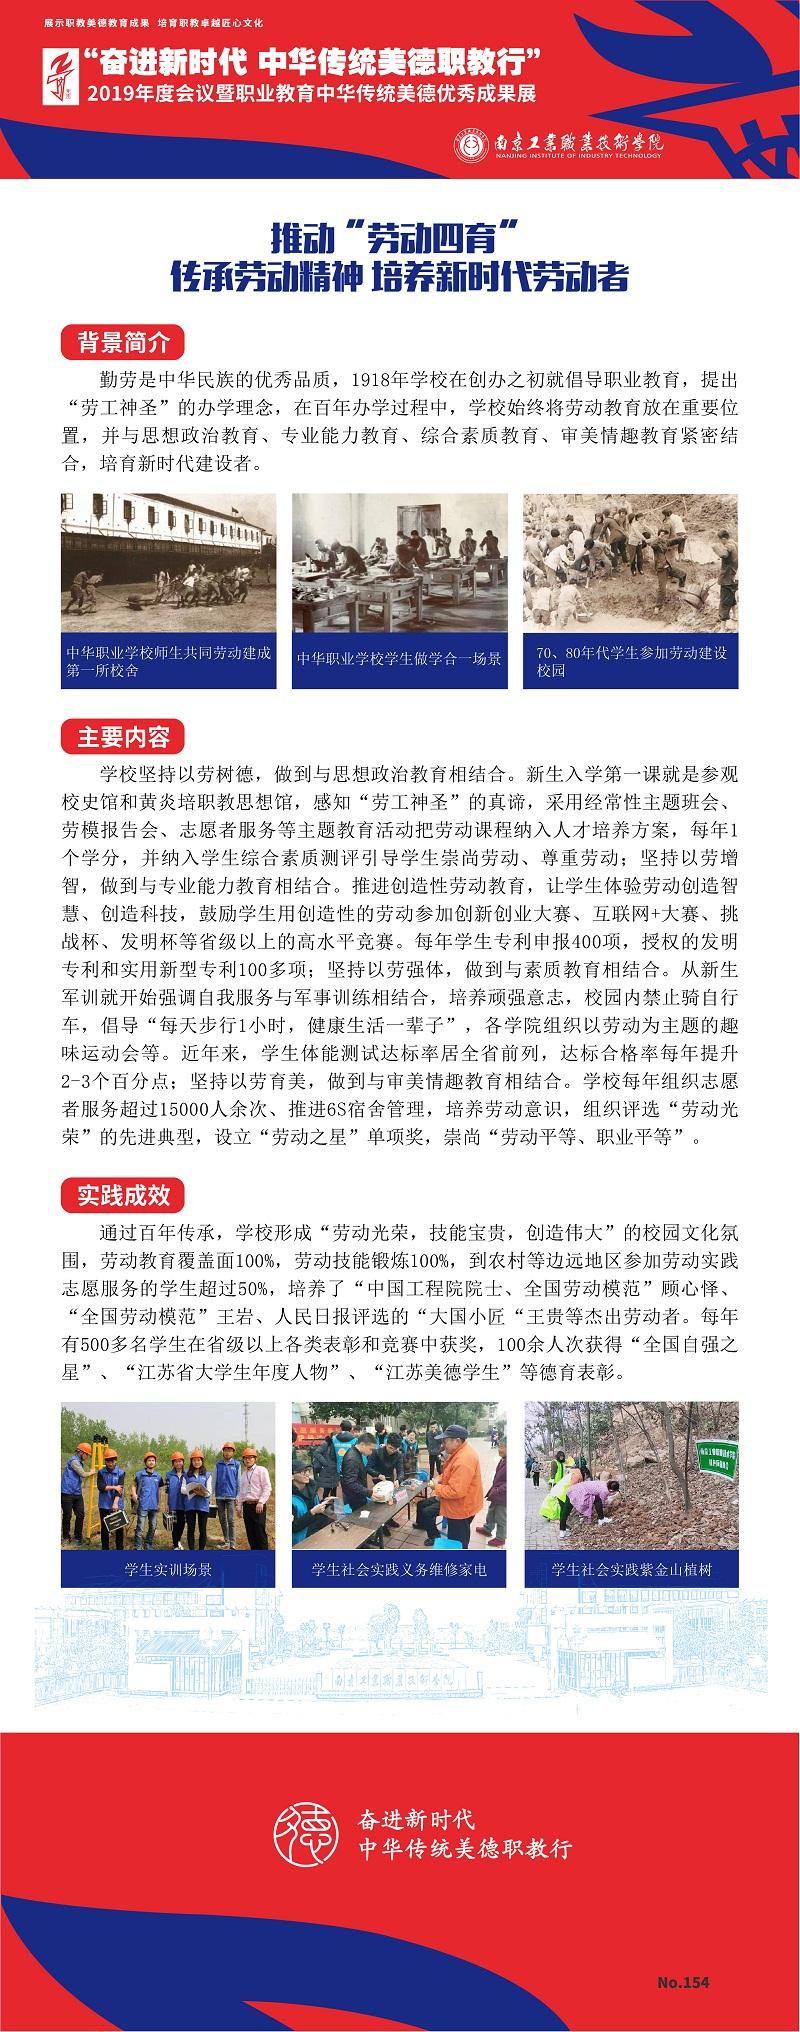 """154--南京工业职业技术学院--推动""""劳动四育"""" 传承劳动精神 培养新时代劳动者.jpg"""